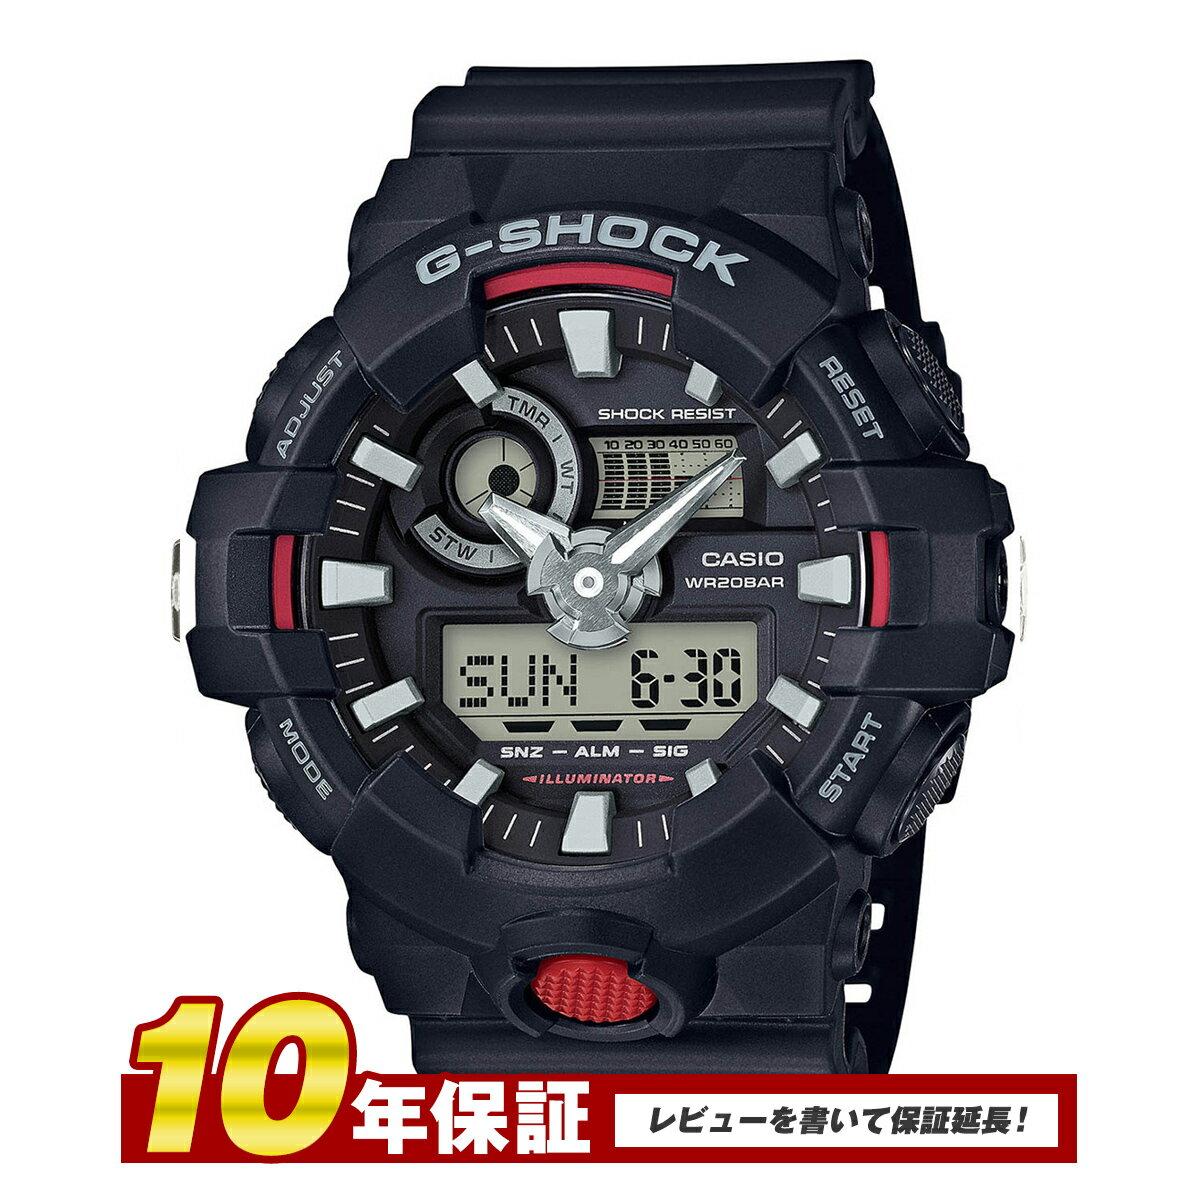 【10年保証】カシオ CASIO G-SHOCK Gショック ジーショック ビッグフェイス ga-700-1a メンズ 時計 腕時計 クオーツ カレンダー